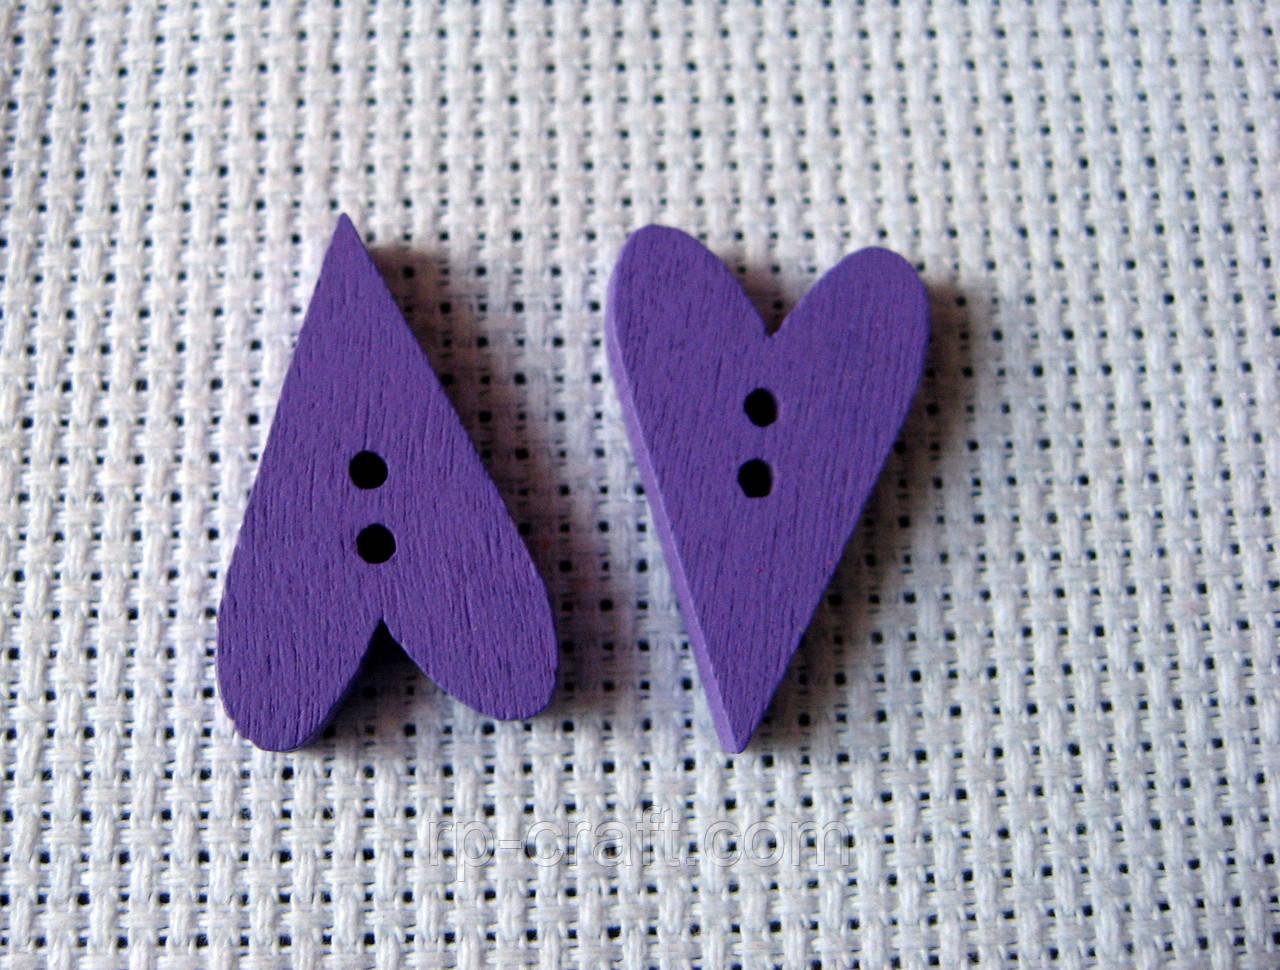 Гудзик дерев'яний, декоративний. Серце, 15х25 мм, фіолетовий